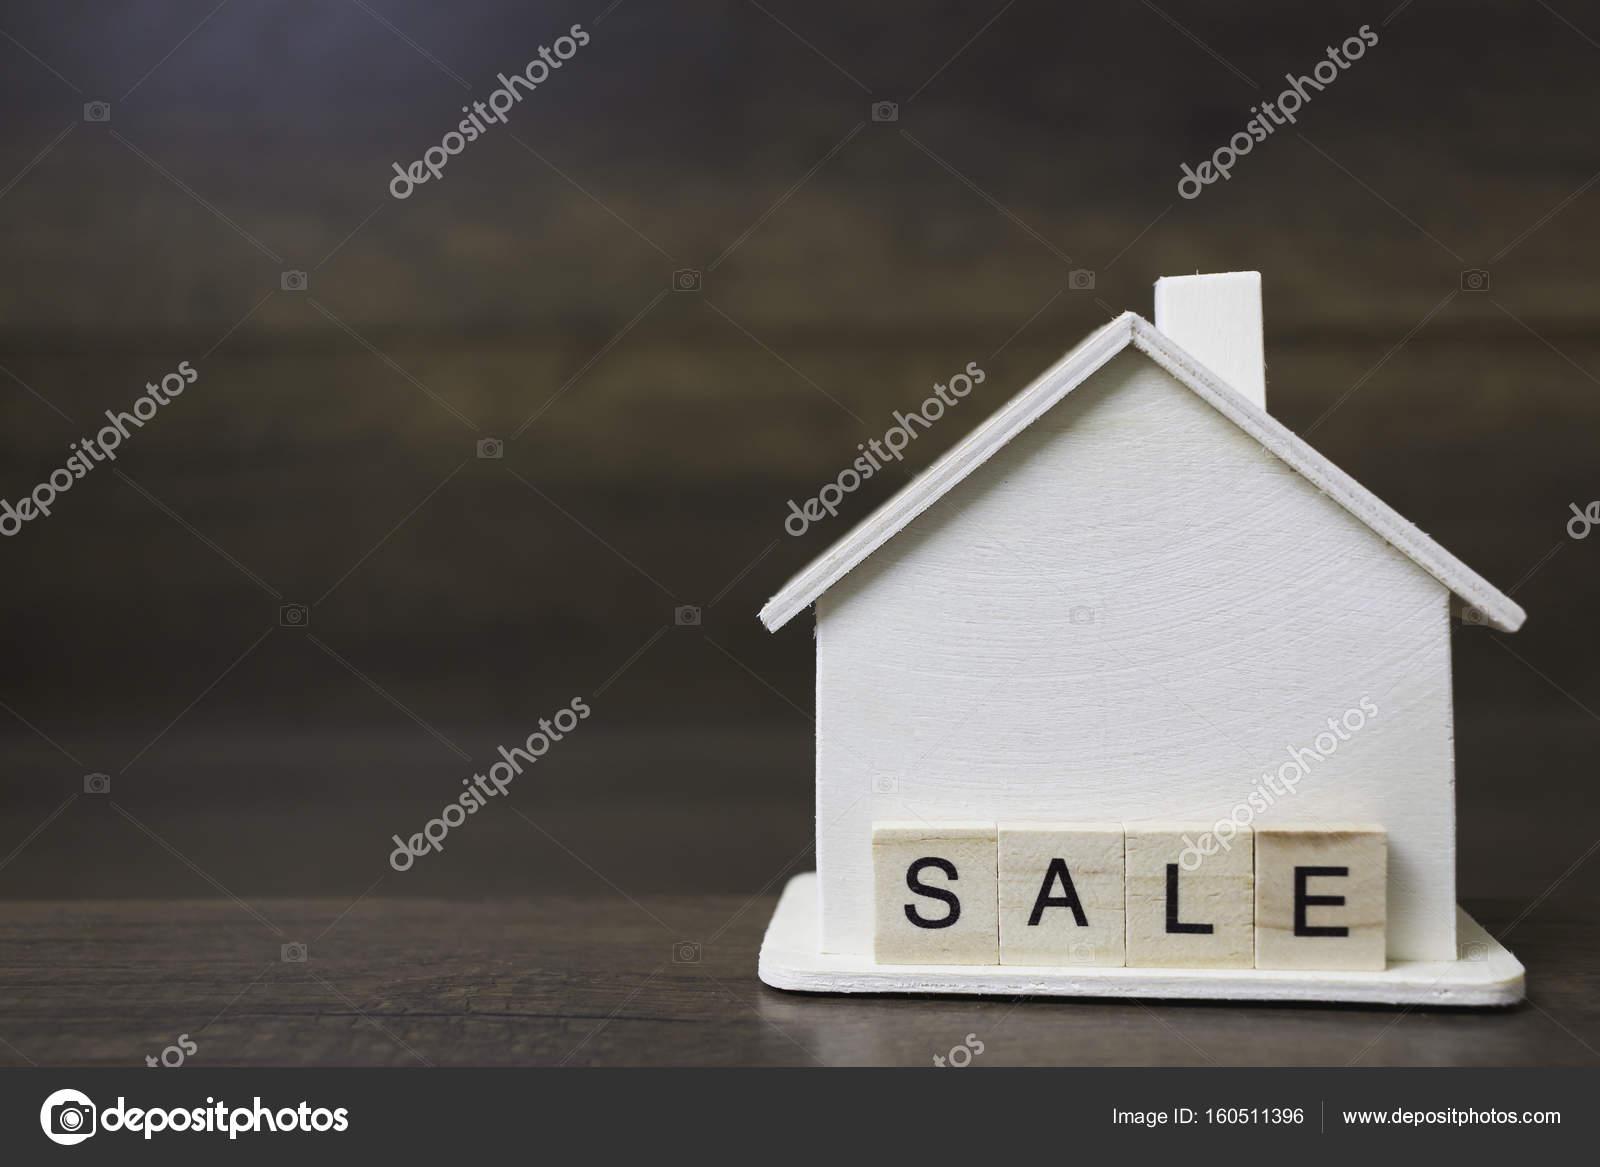 Houtblokken In Huis : Huis model met verkoop woord op houtblokken u stockfoto